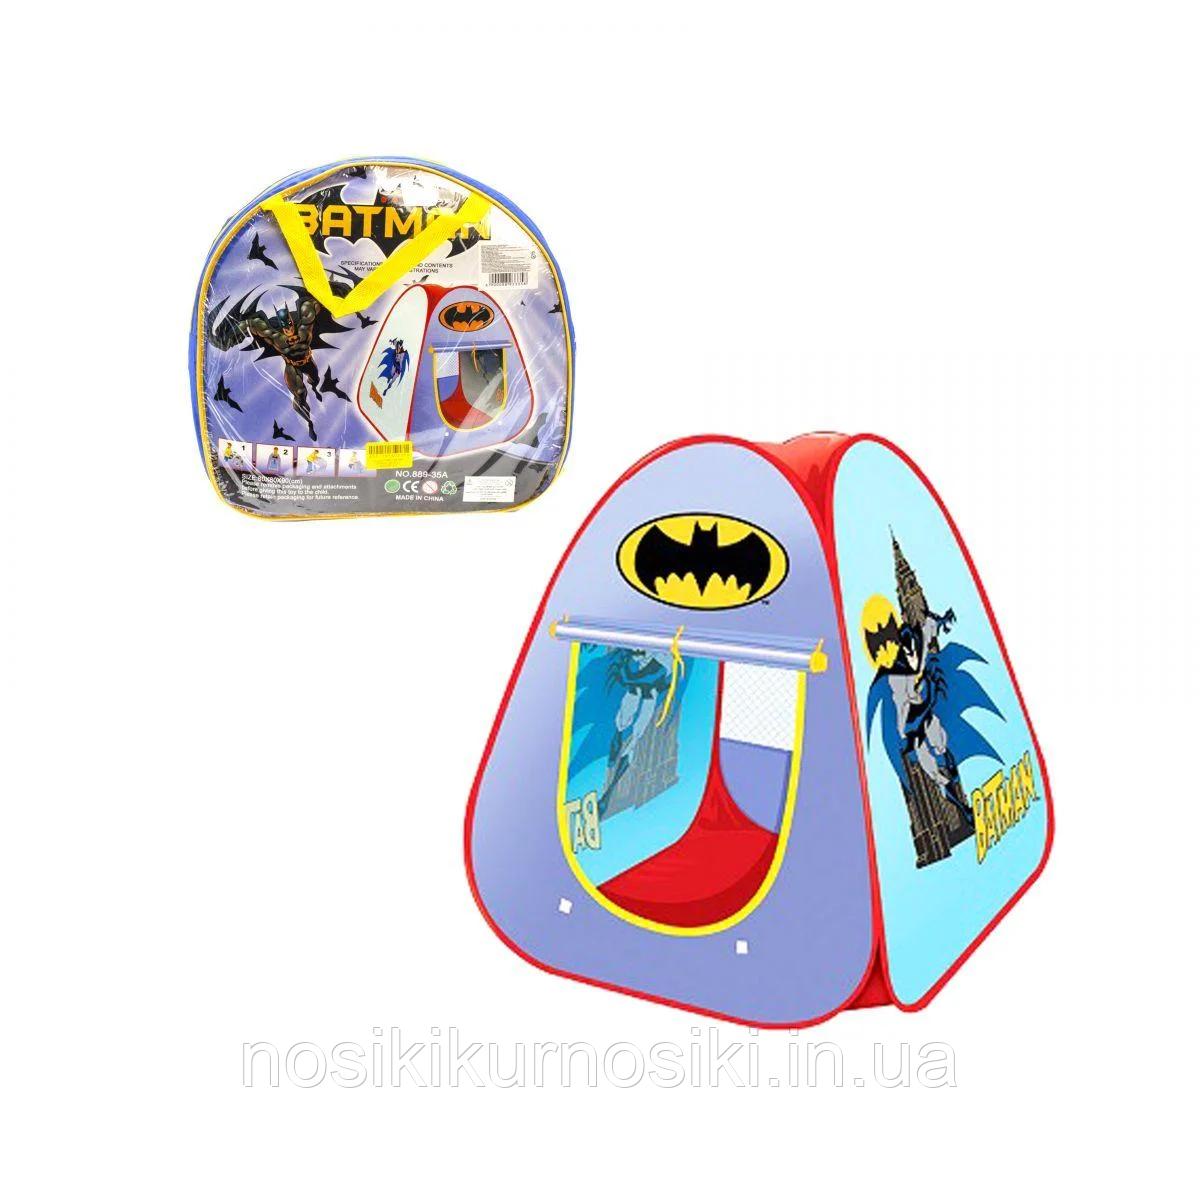 Палатка детская игровая 889-35A Бетмен Batman, размер 80-80-90 см, в сумке